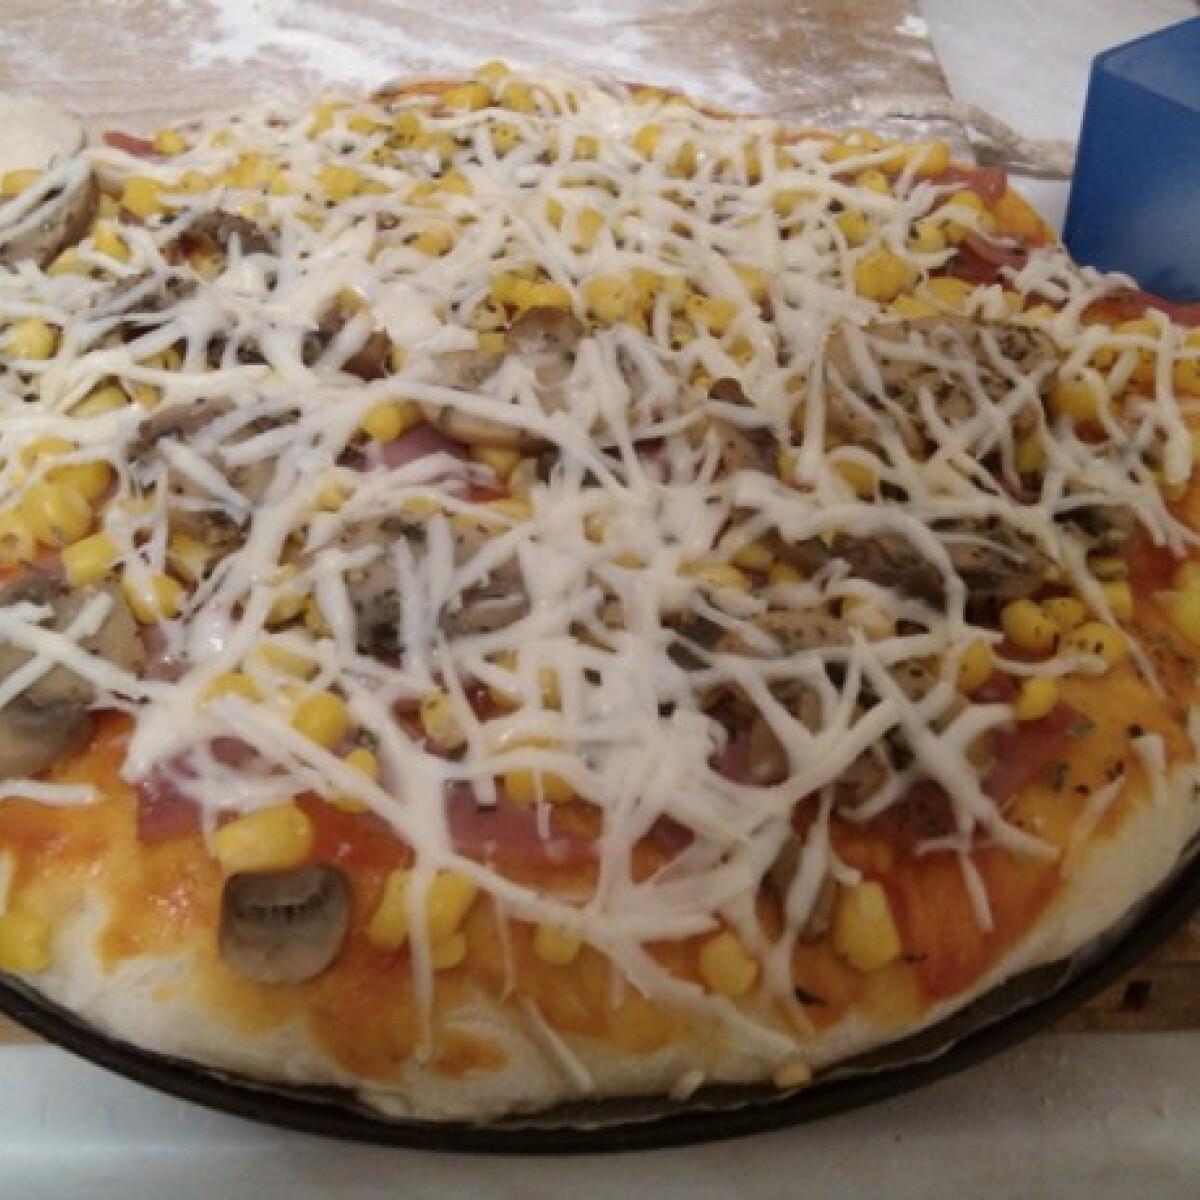 Ezen a képen: Son-go-ku pizza